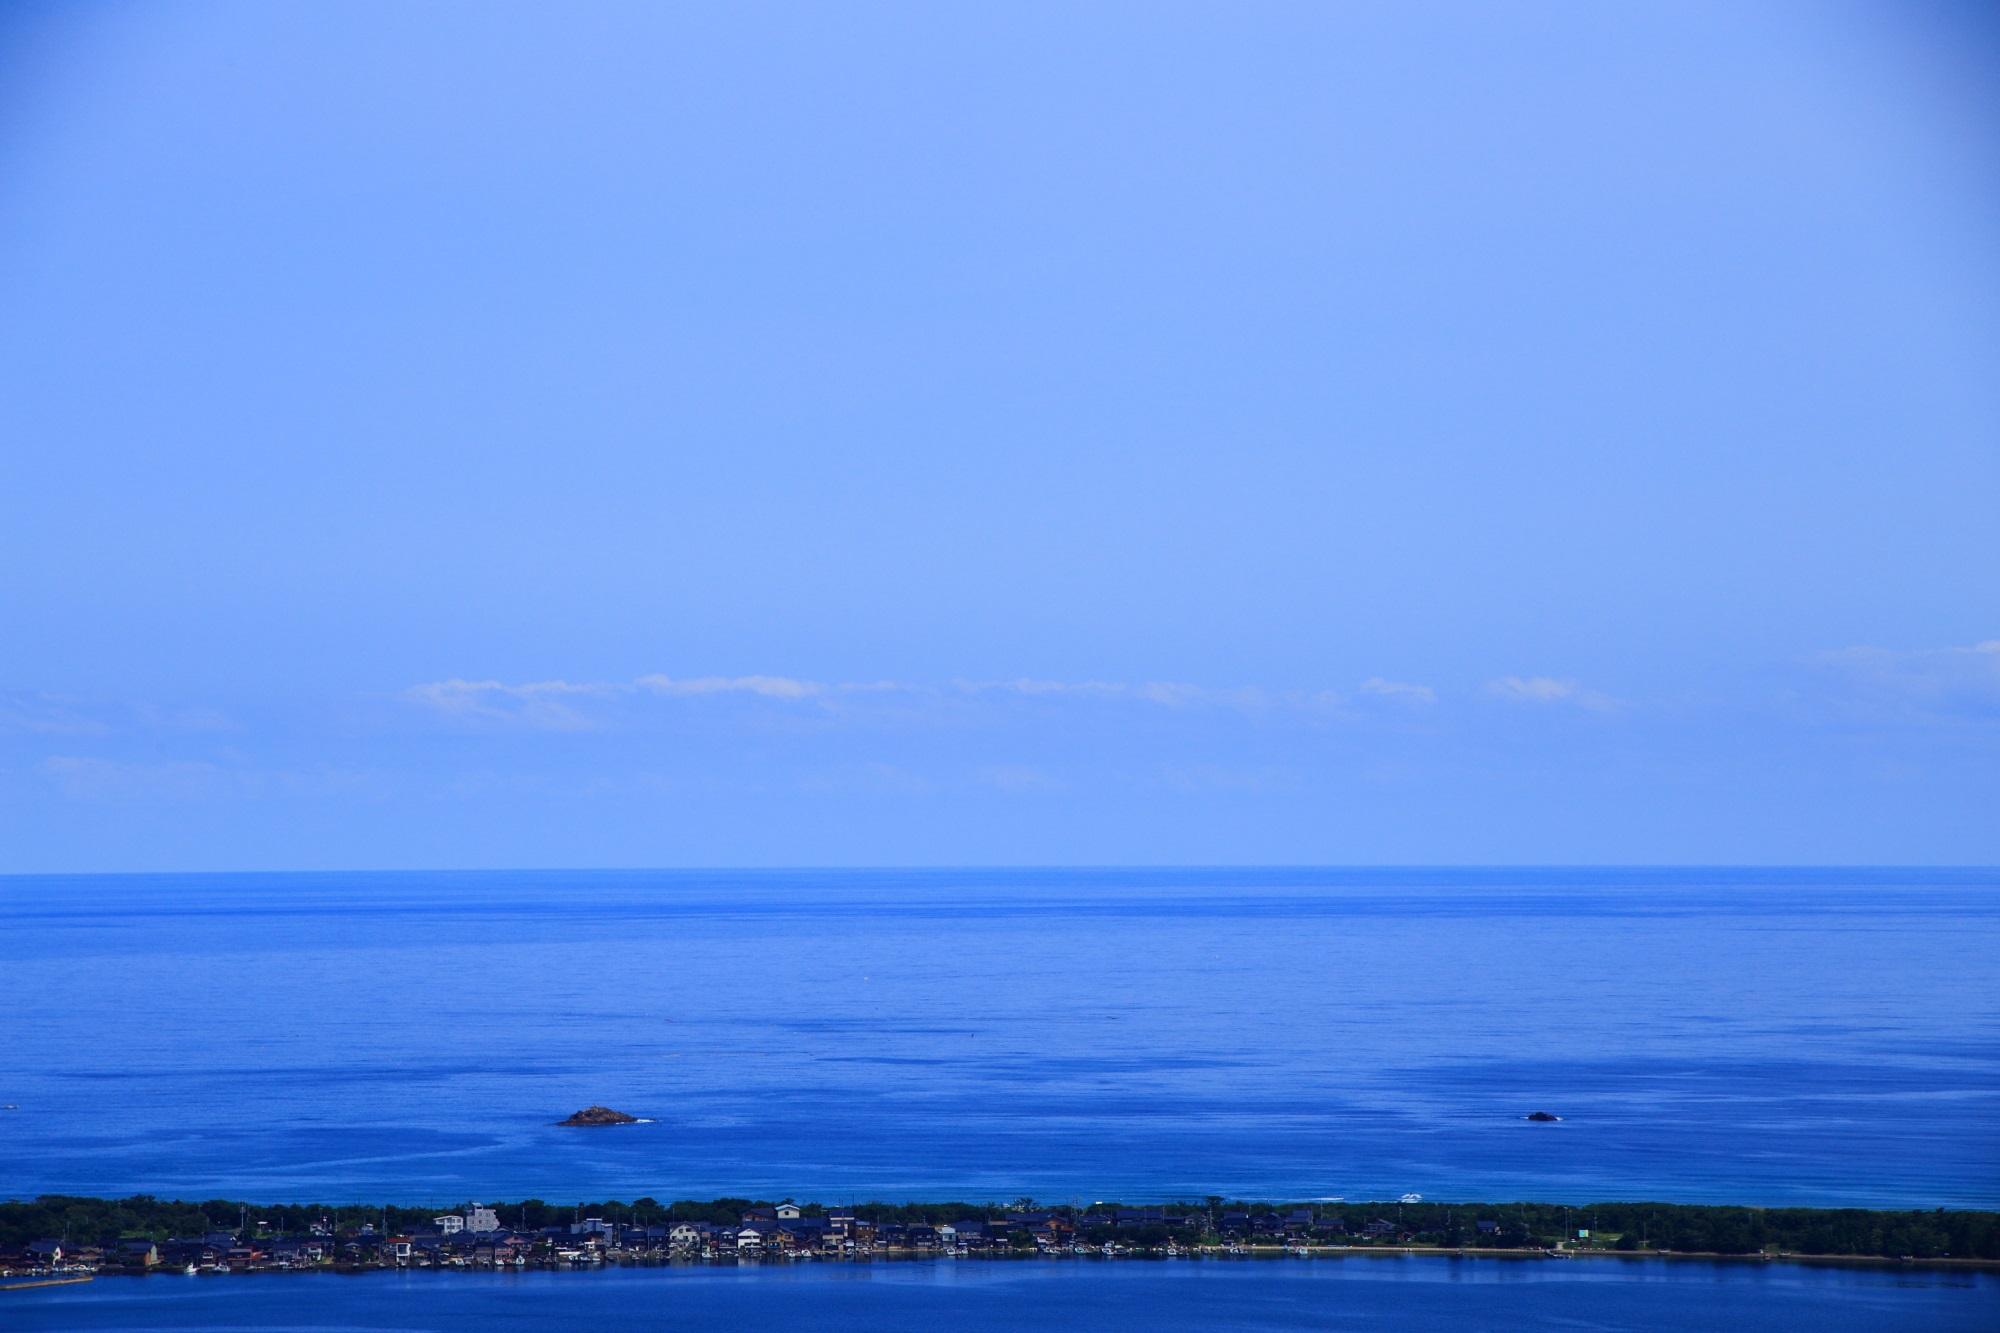 現実なのか何なのか分らなくなる日本海と久美浜湾の景色